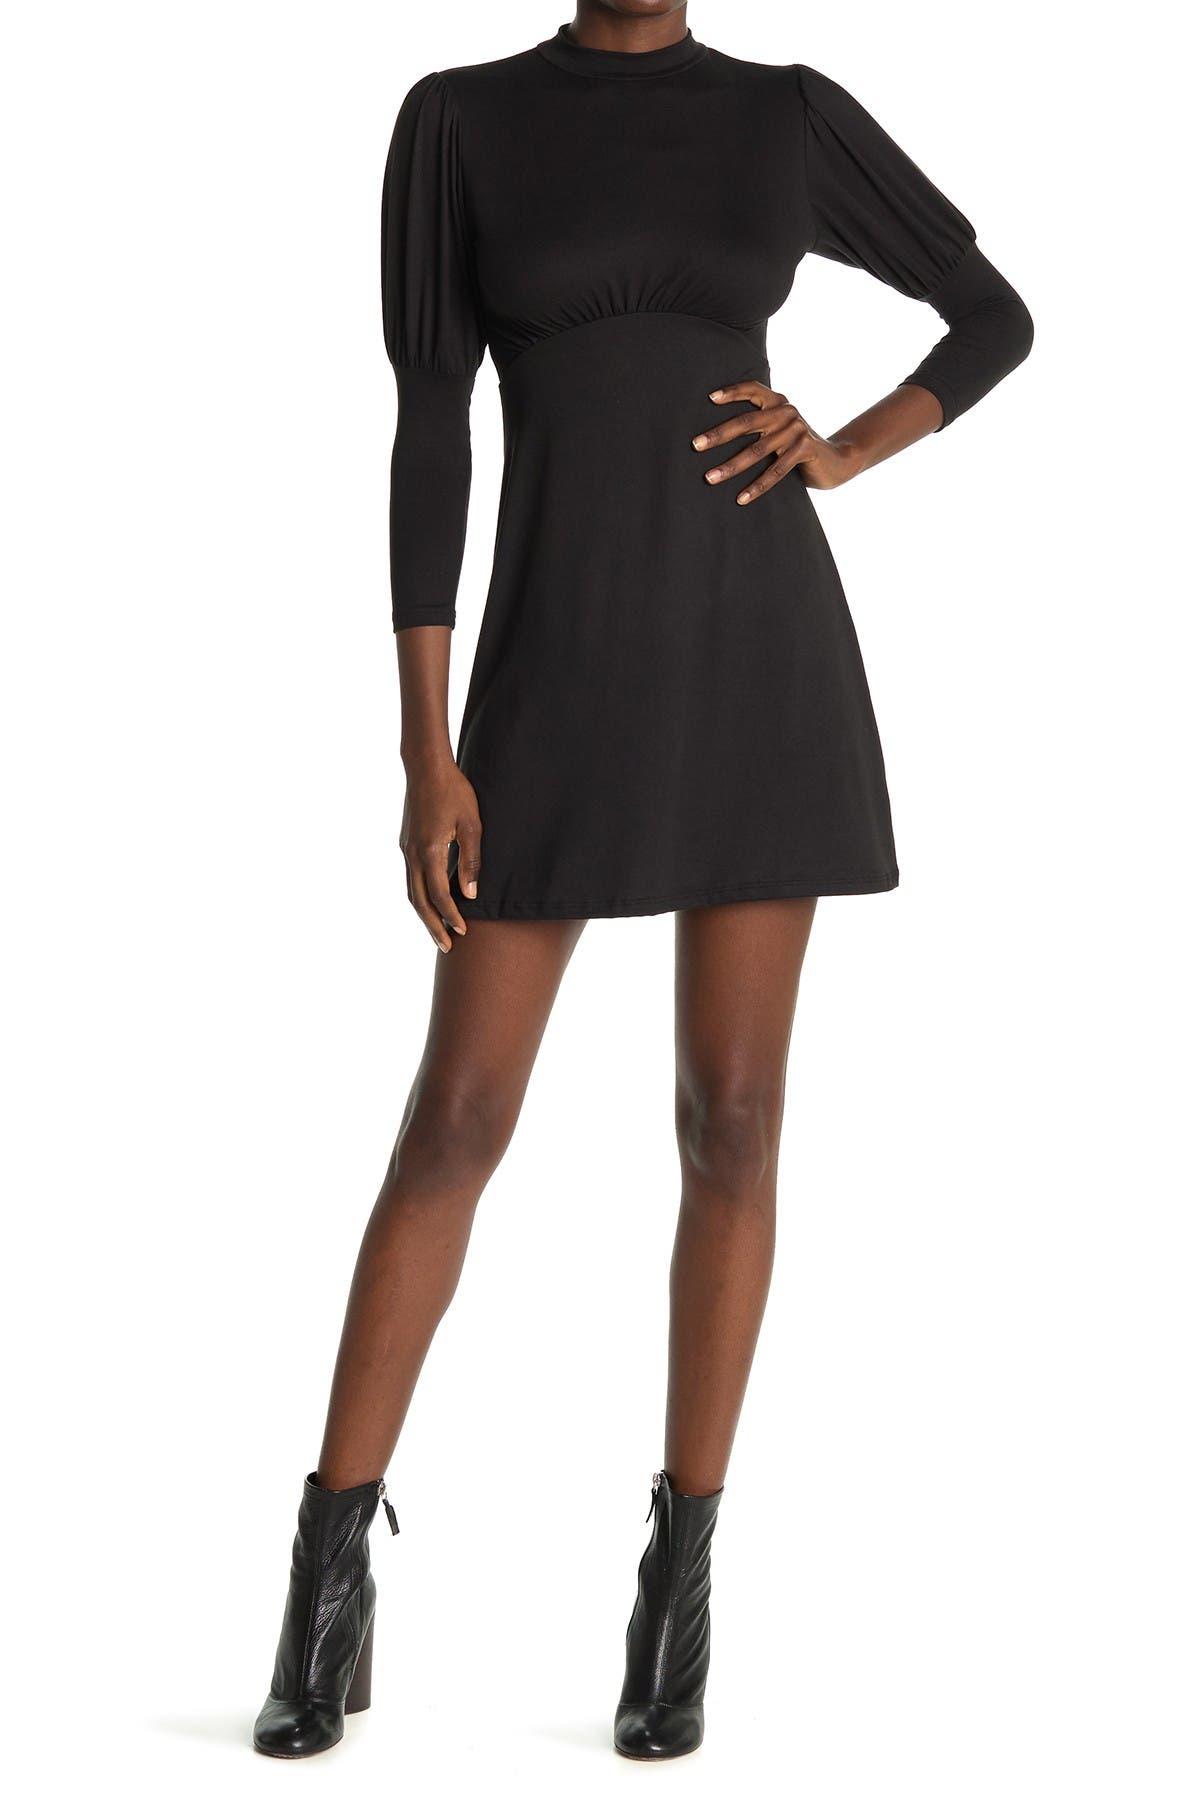 Image of Velvet Torch Puff Sleeve Skater Dress